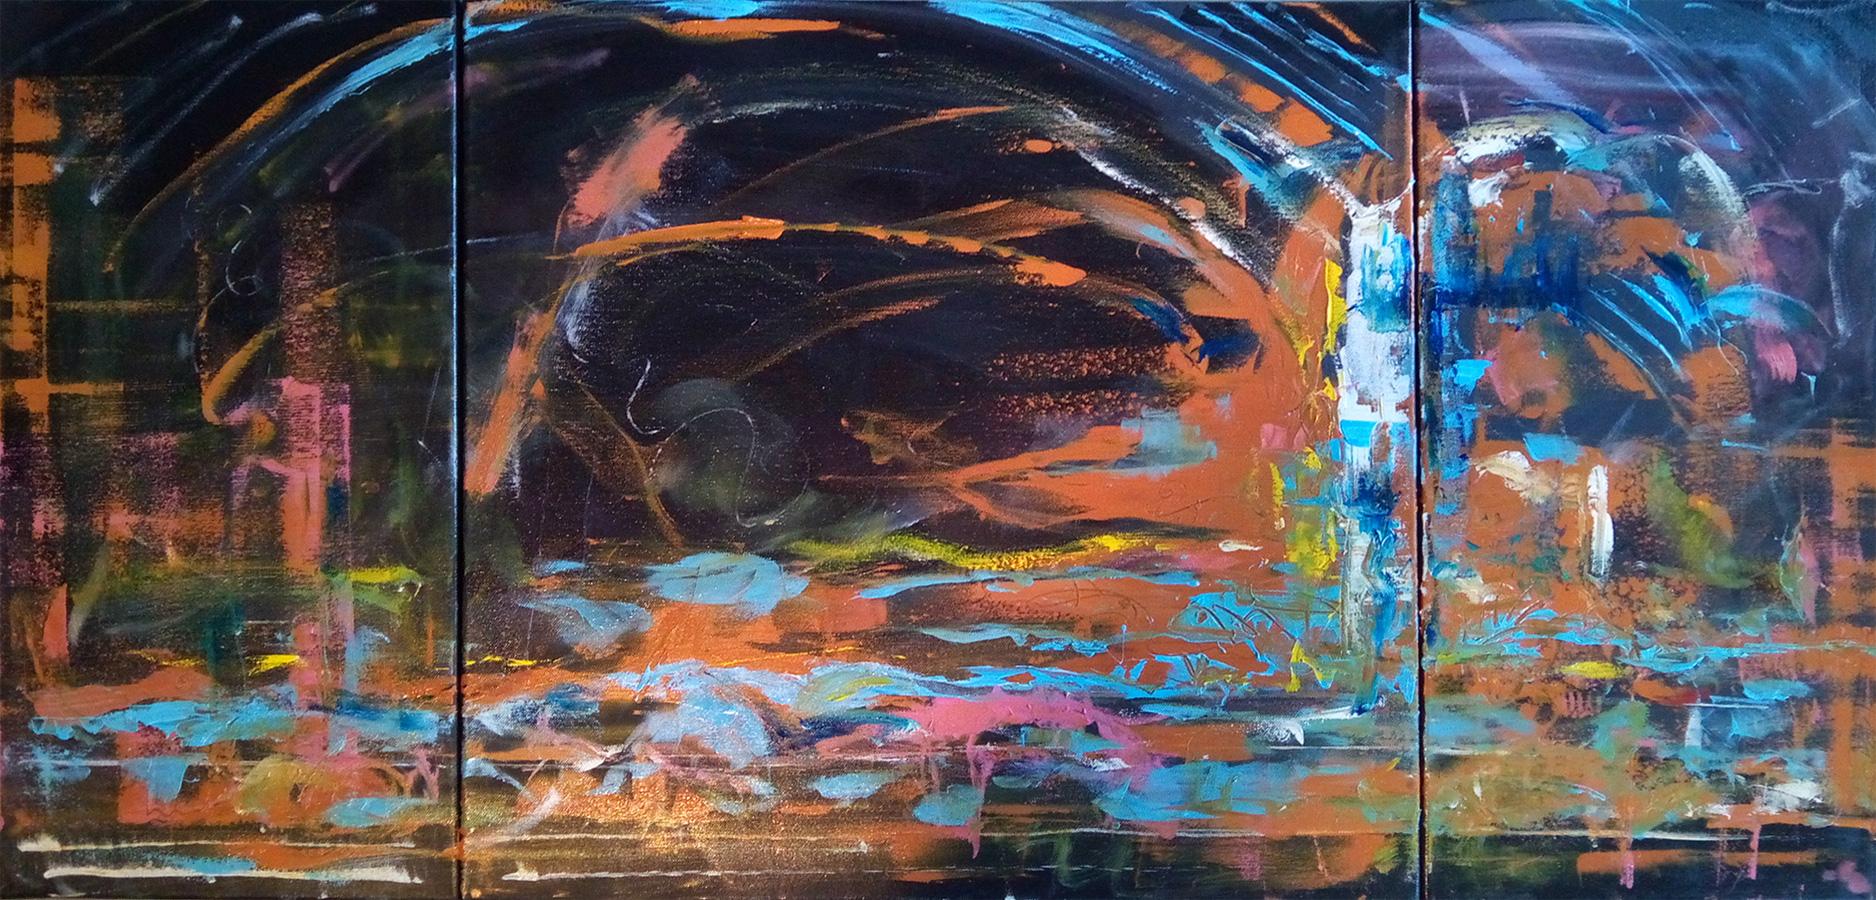 Atlantis Kim Okura 2017 Oil on Canvas